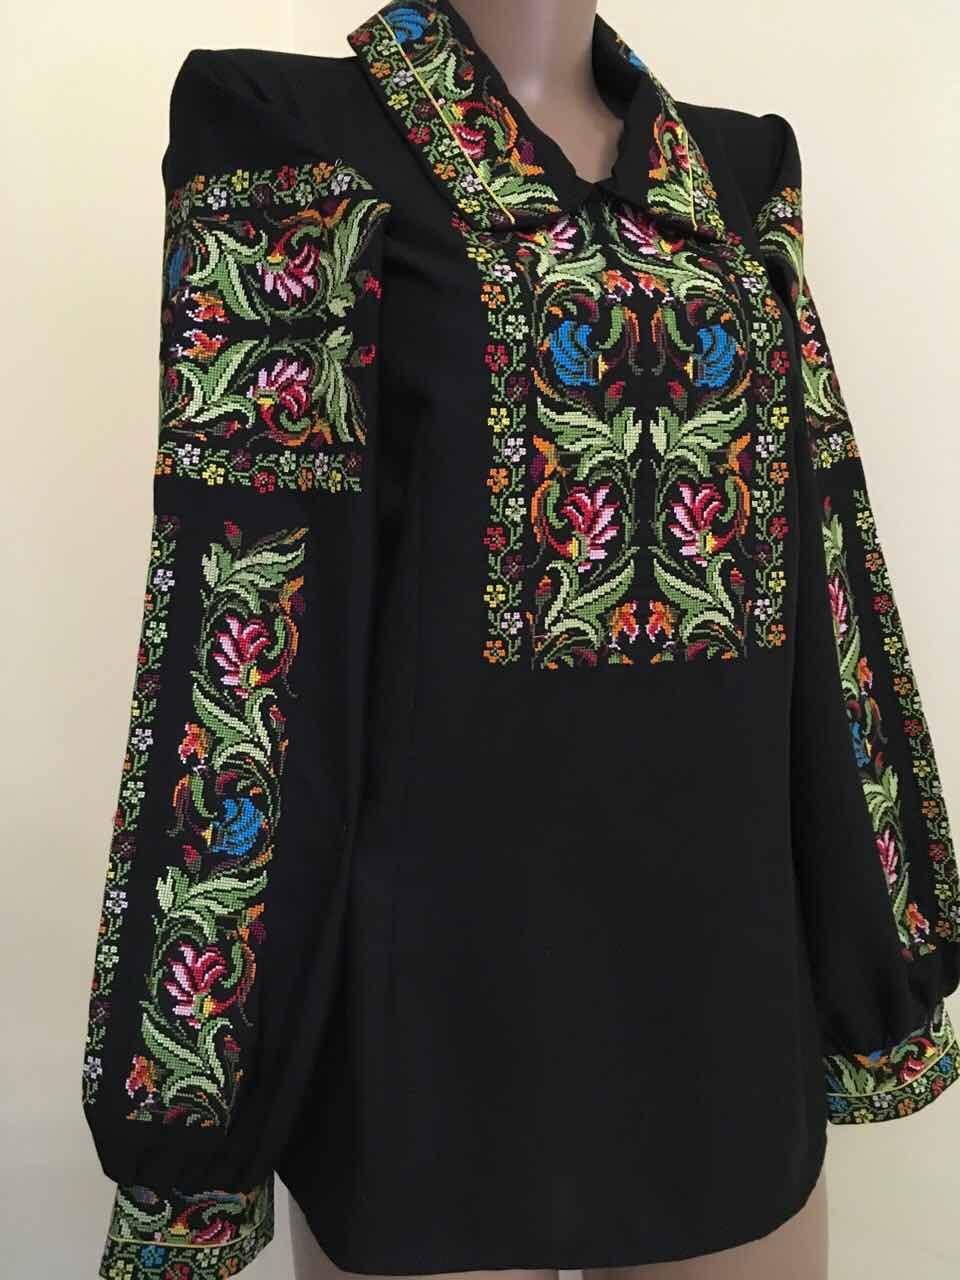 b017caf7de5a73 Дизайнерська вишита сорочка на комірець розмір 42-44 (S-M): продажа ...